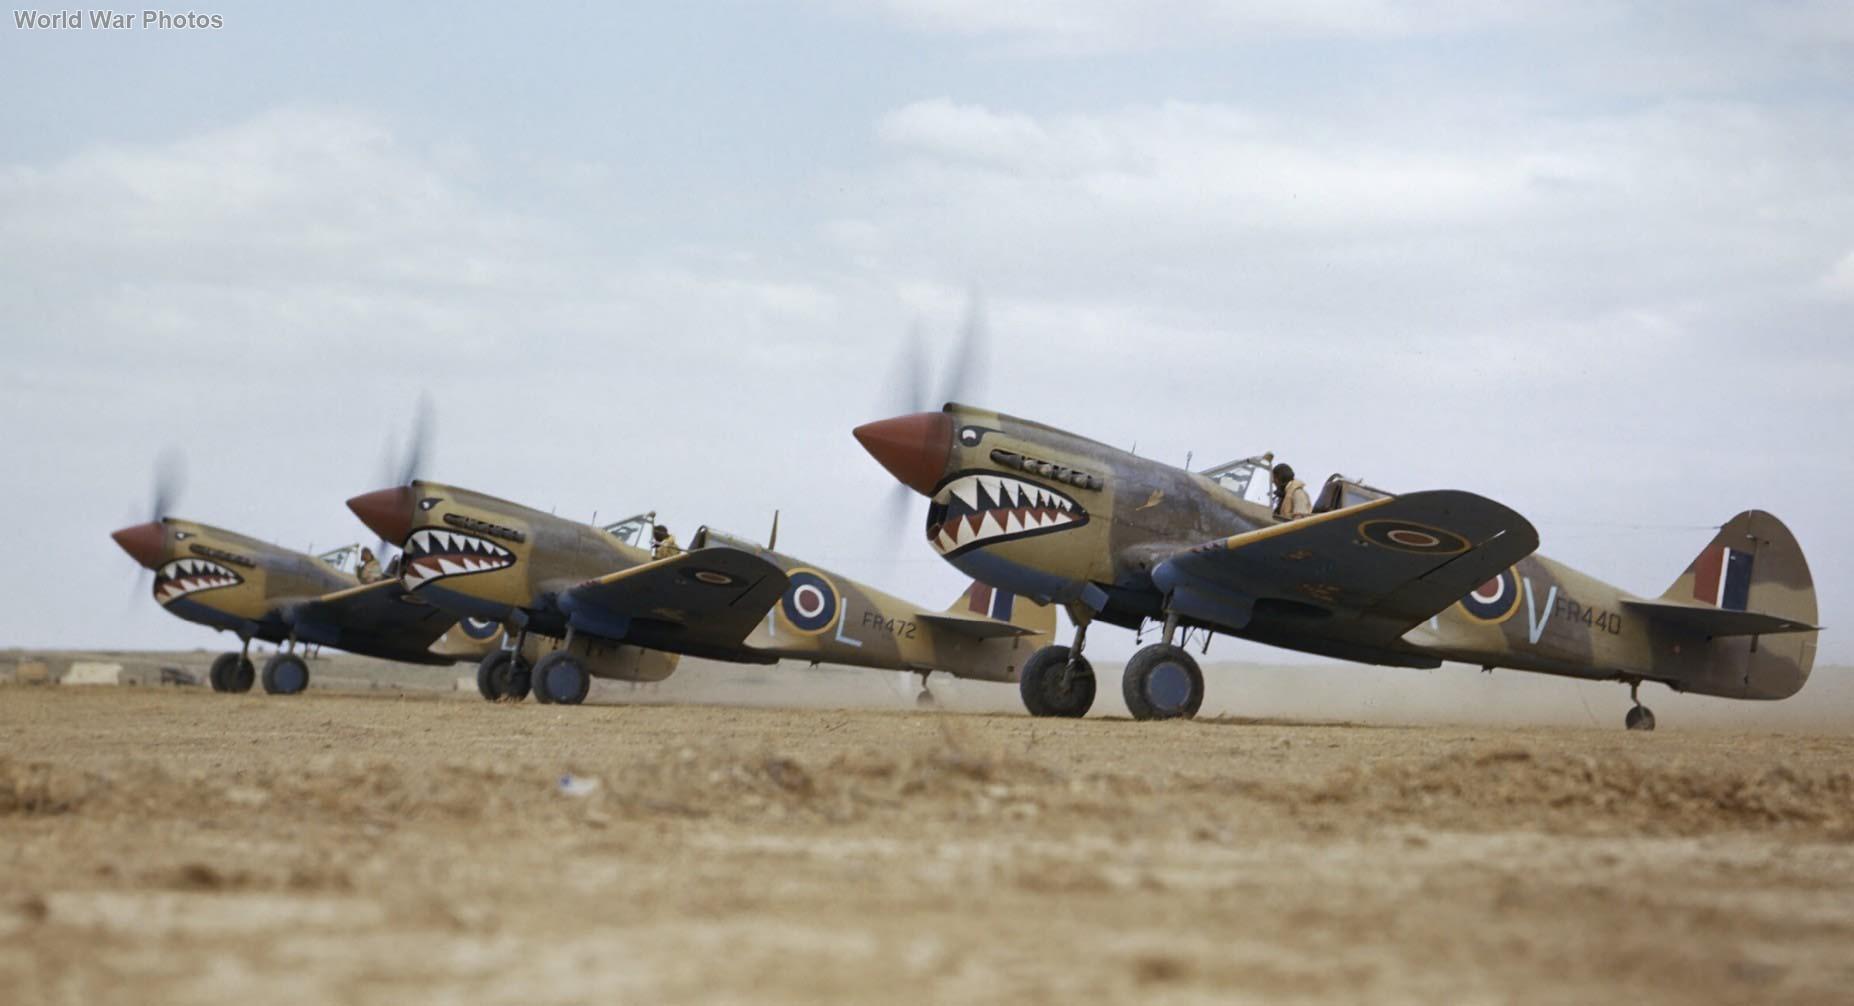 Kittyhawks Mk III FR472 GA-L, FR440 GA-V of No. 112 Squadron RAF